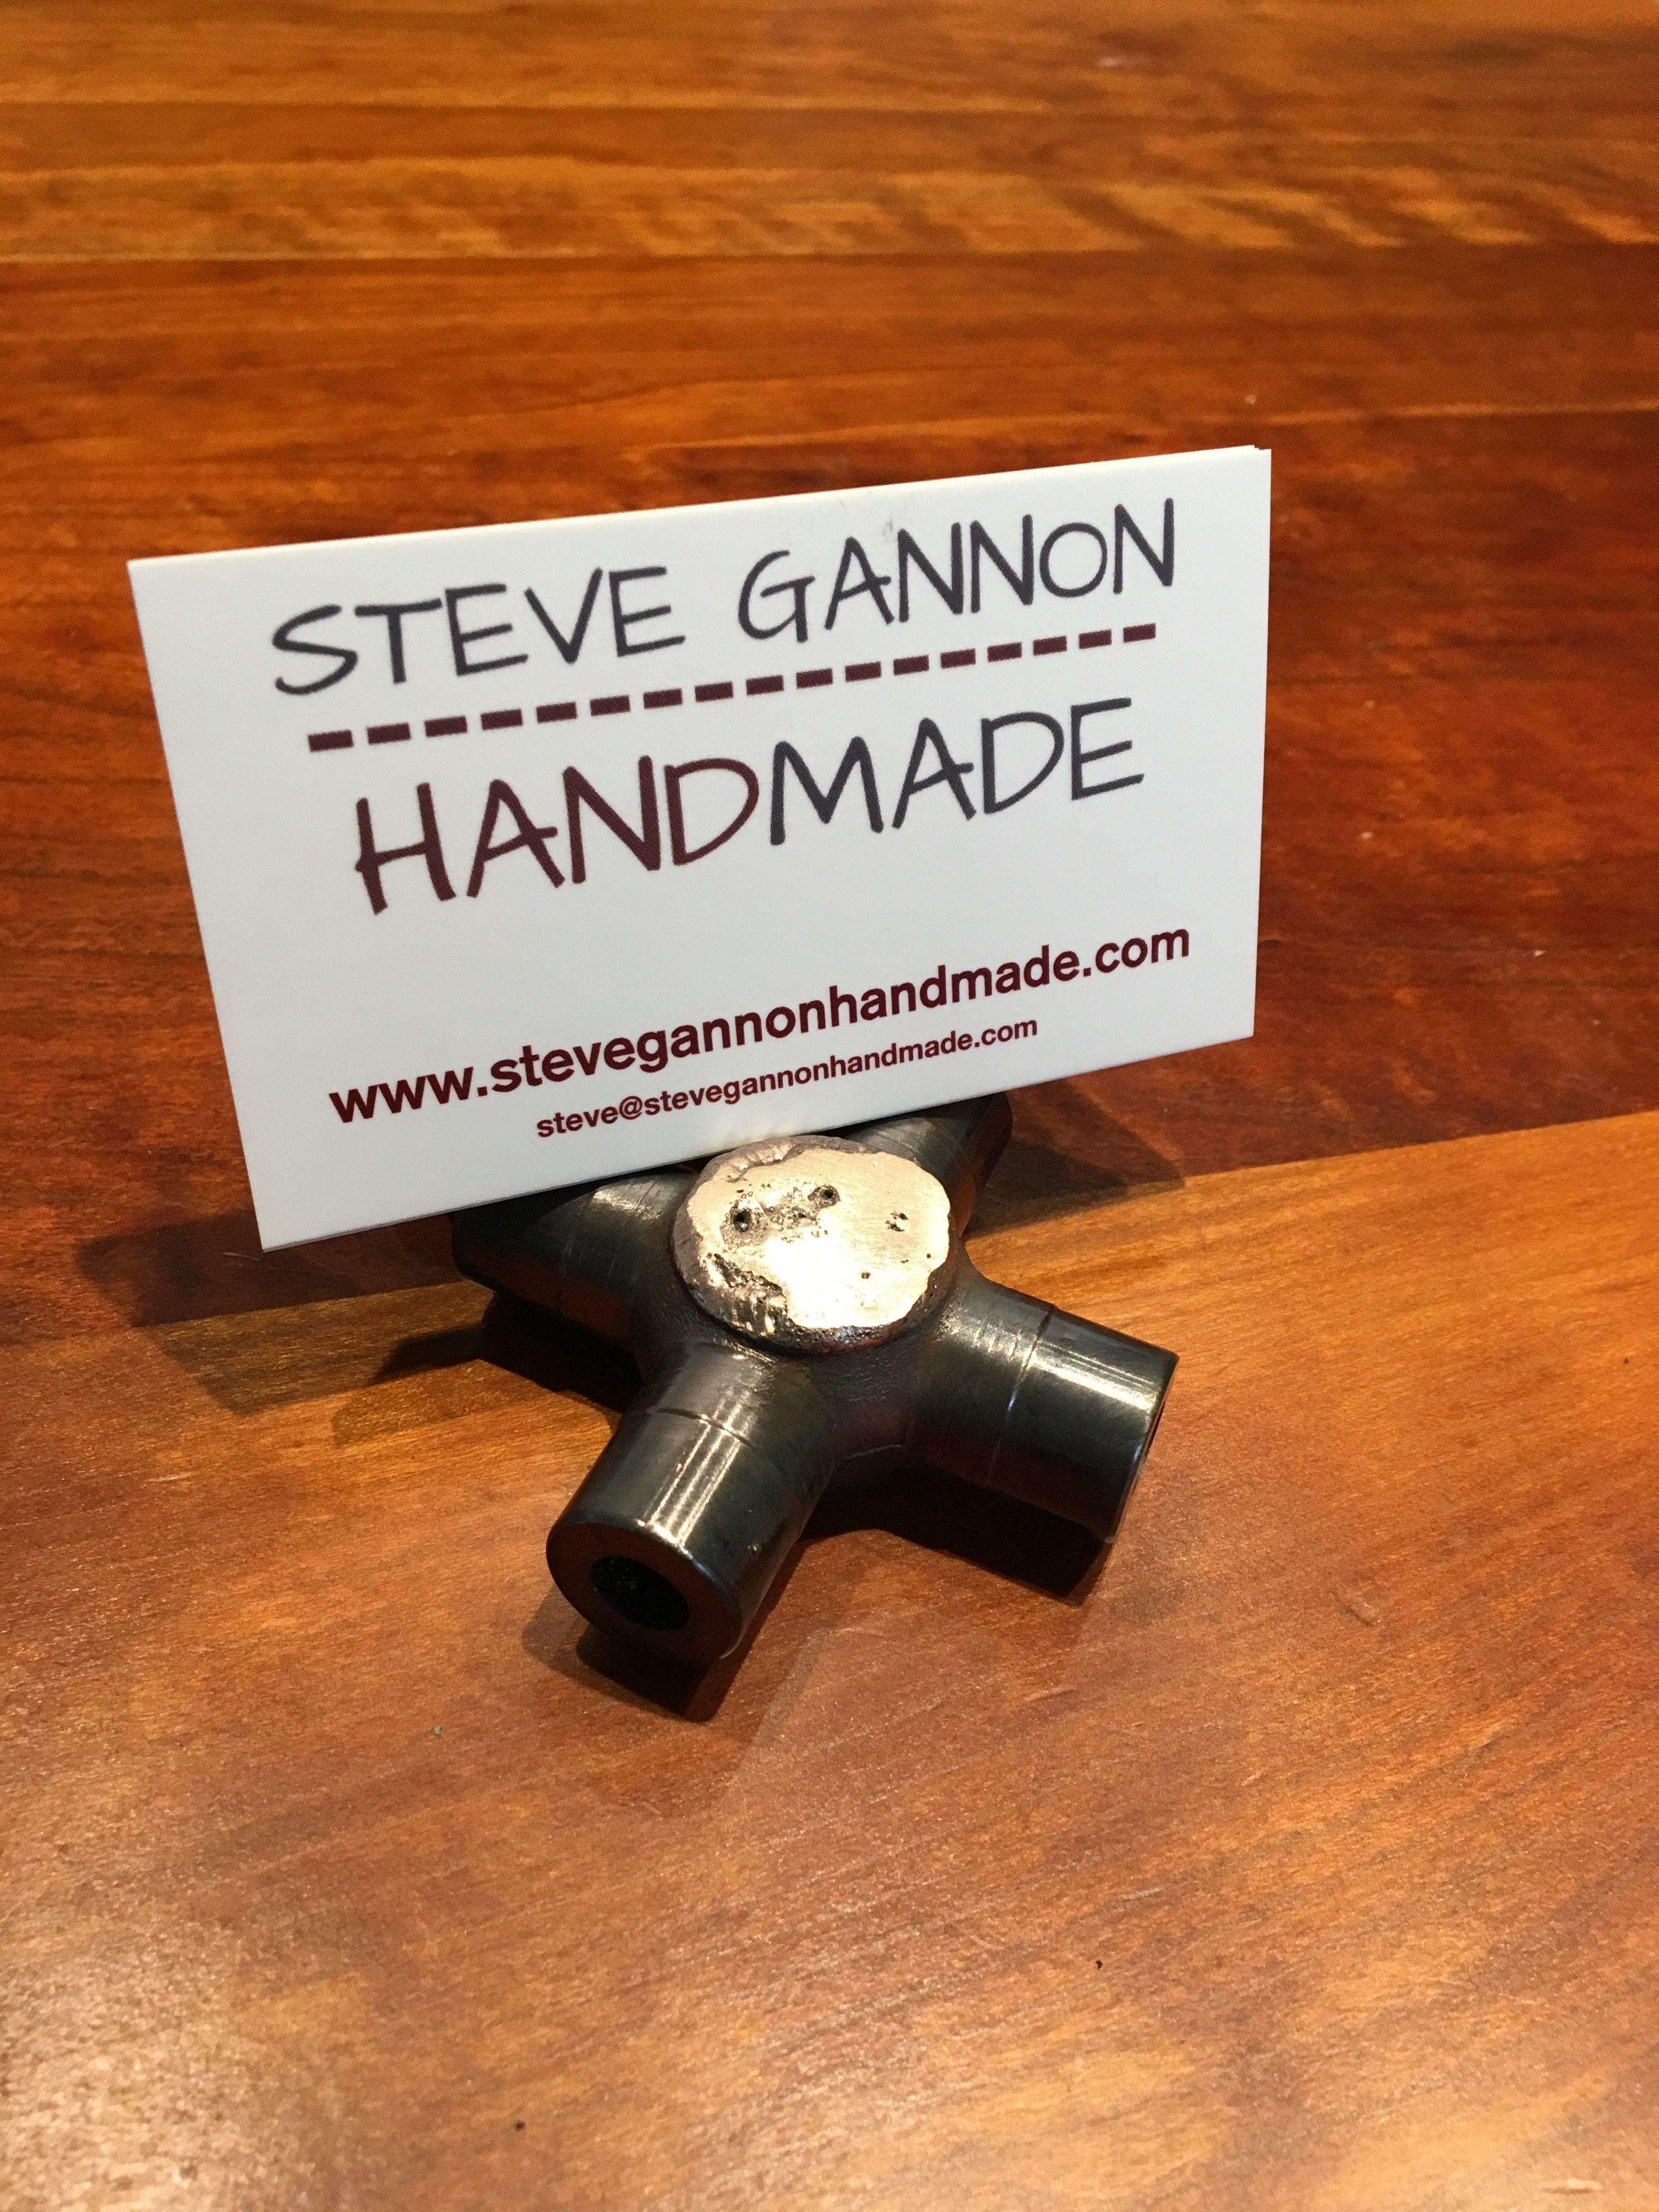 Universal joint business card holder 1 steve gannon handmade handmade universal joint business card holder colourmoves